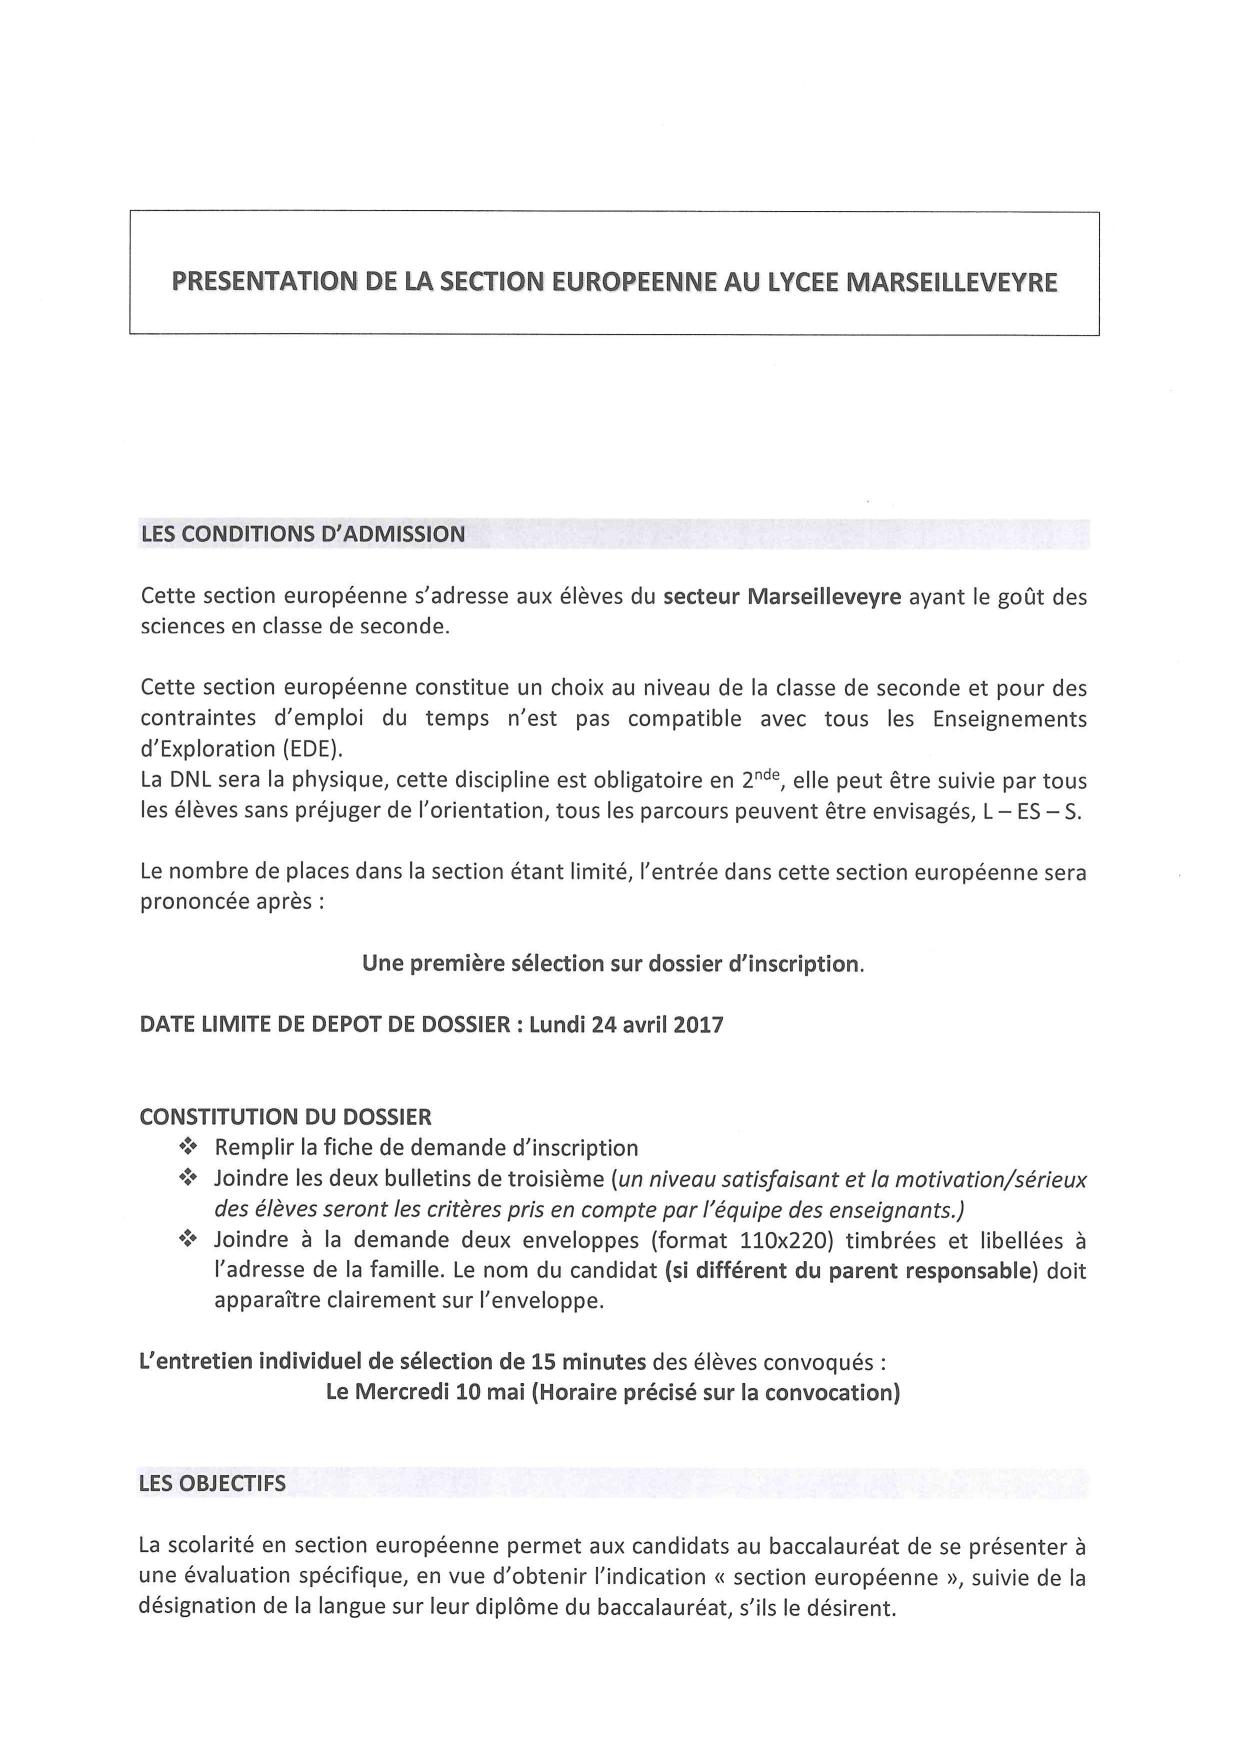 lettre de motivation section europ u00e9enne lyc u00e9e